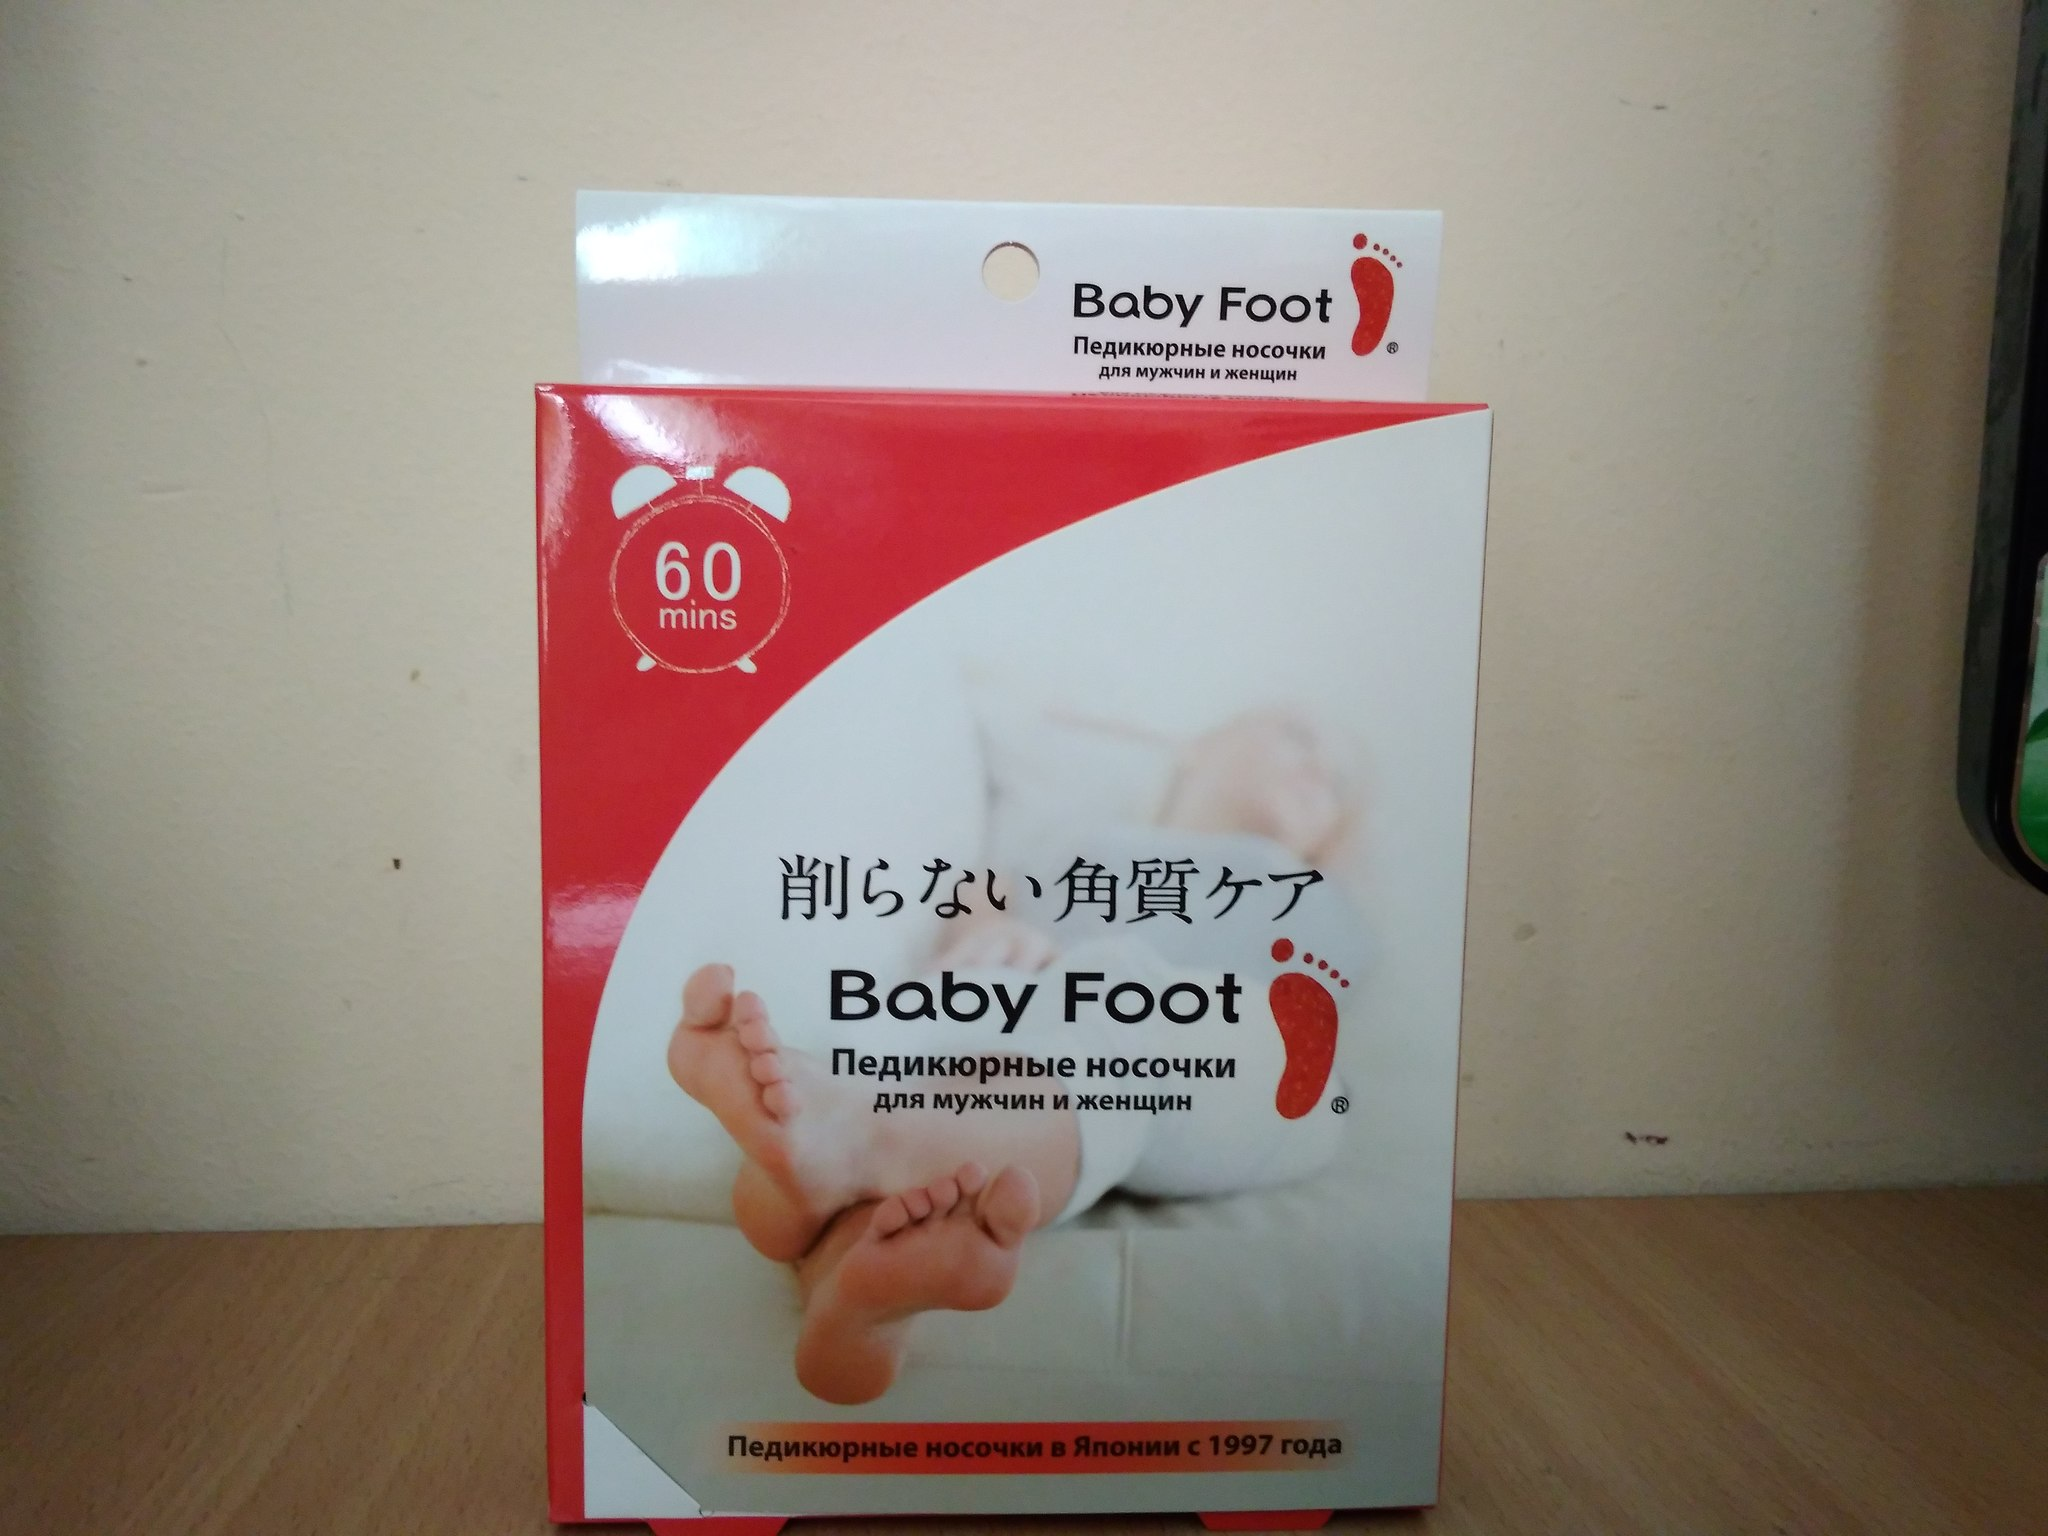 Педикюрные носочки Baby Foot в Павлодаре